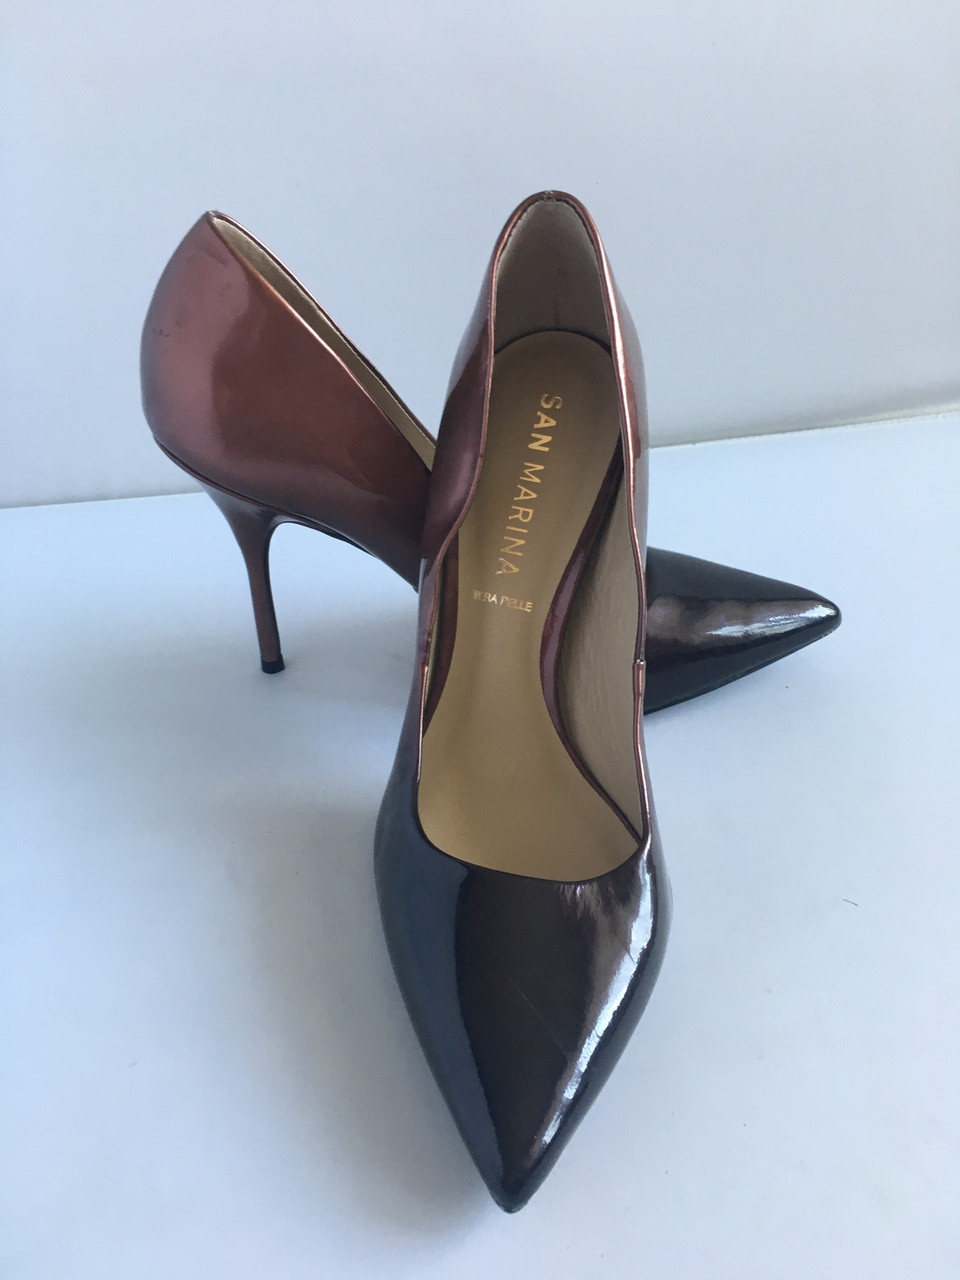 Женские туфли San Marina, 38 размер